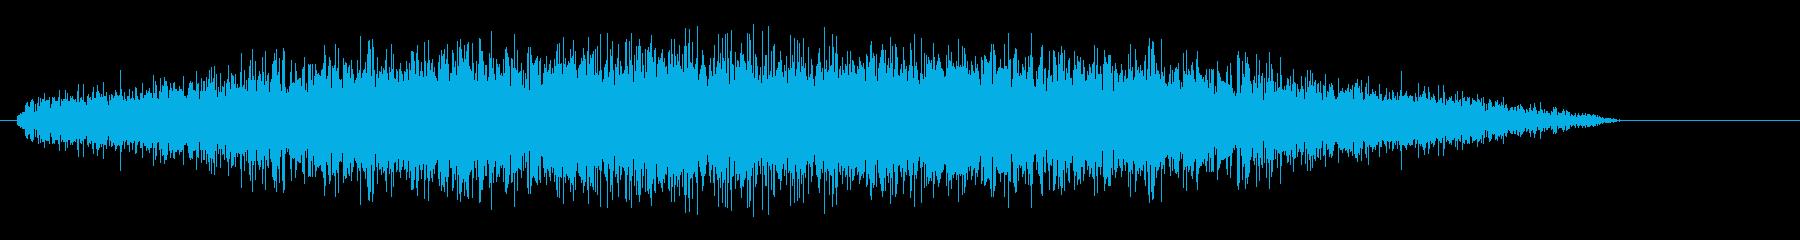 シャーン(シンプルで機械のような効果音)の再生済みの波形